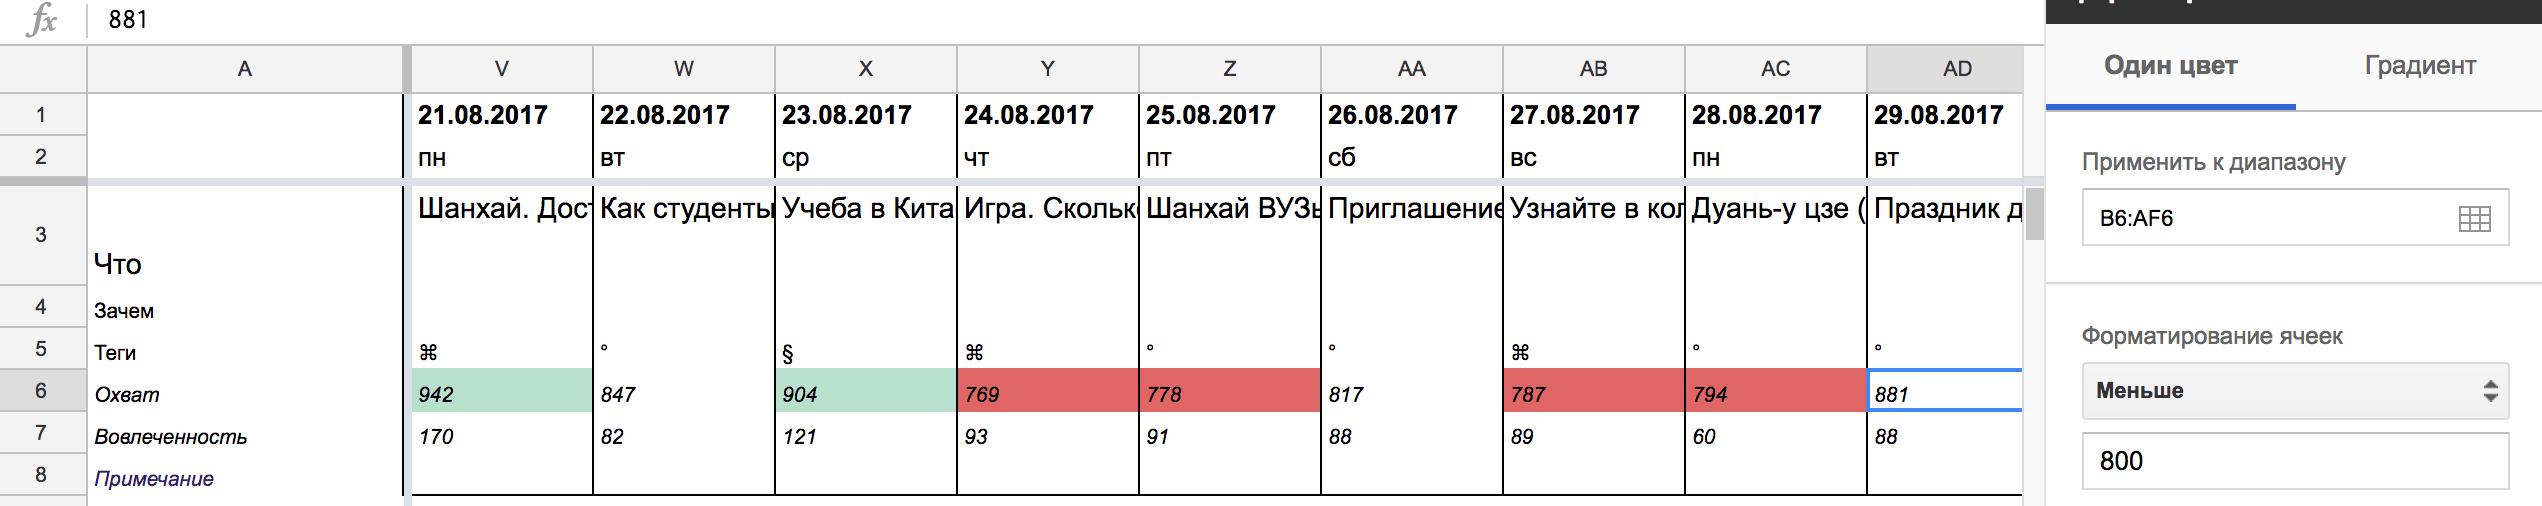 Работаем с условным форматированием таблицы